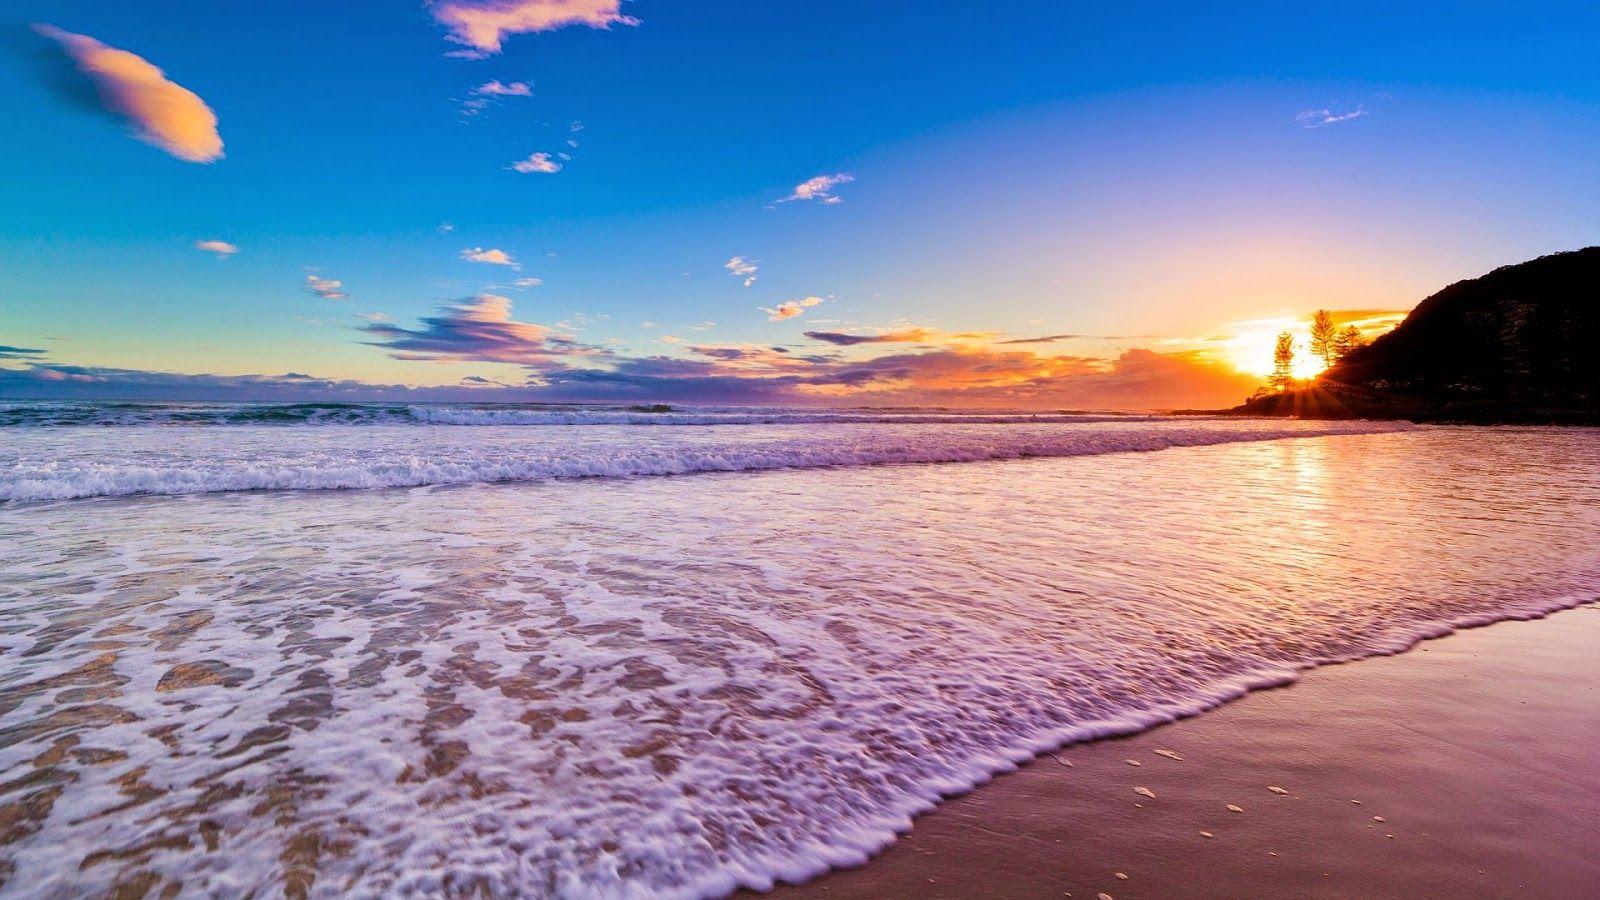 Beach Wallpaper Beach Sunset Wallpaper Sunrises Nature Beach